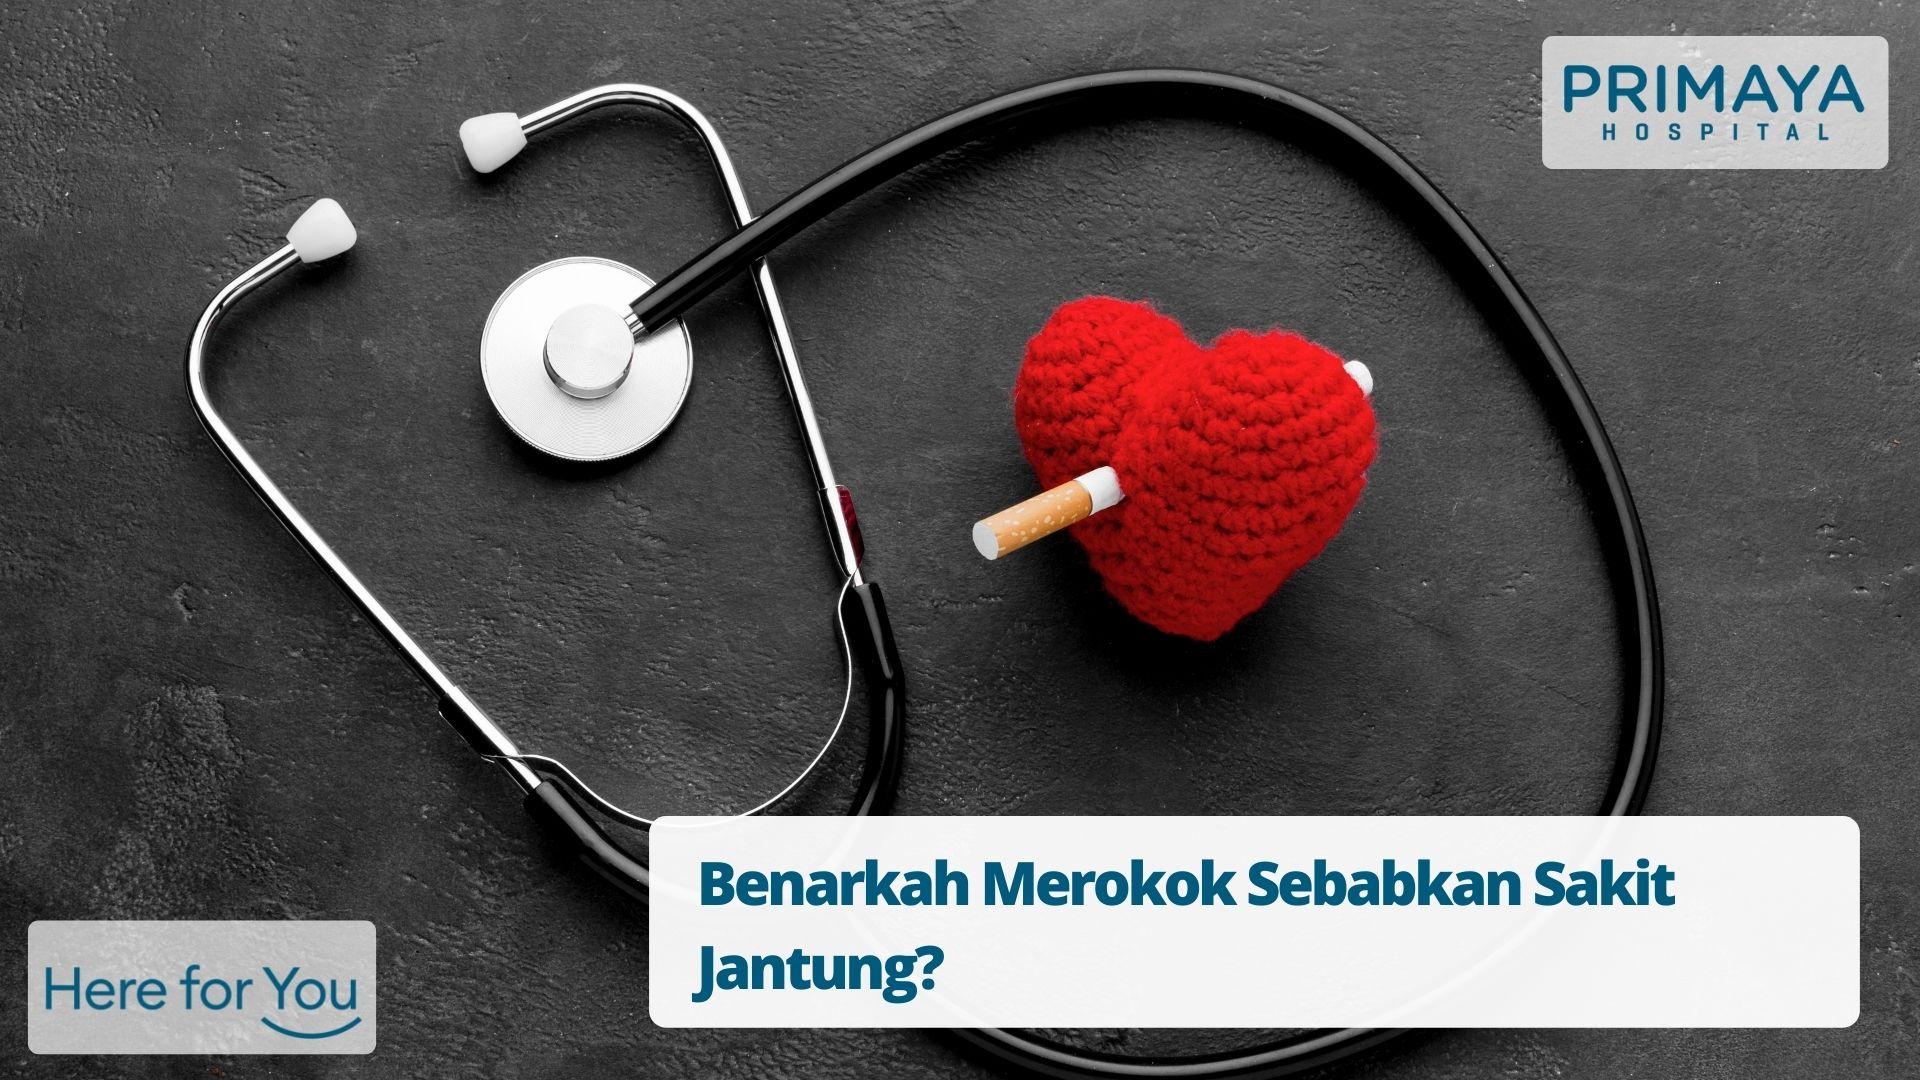 Benarkah Merokok Sebabkan Sakit Jantung?